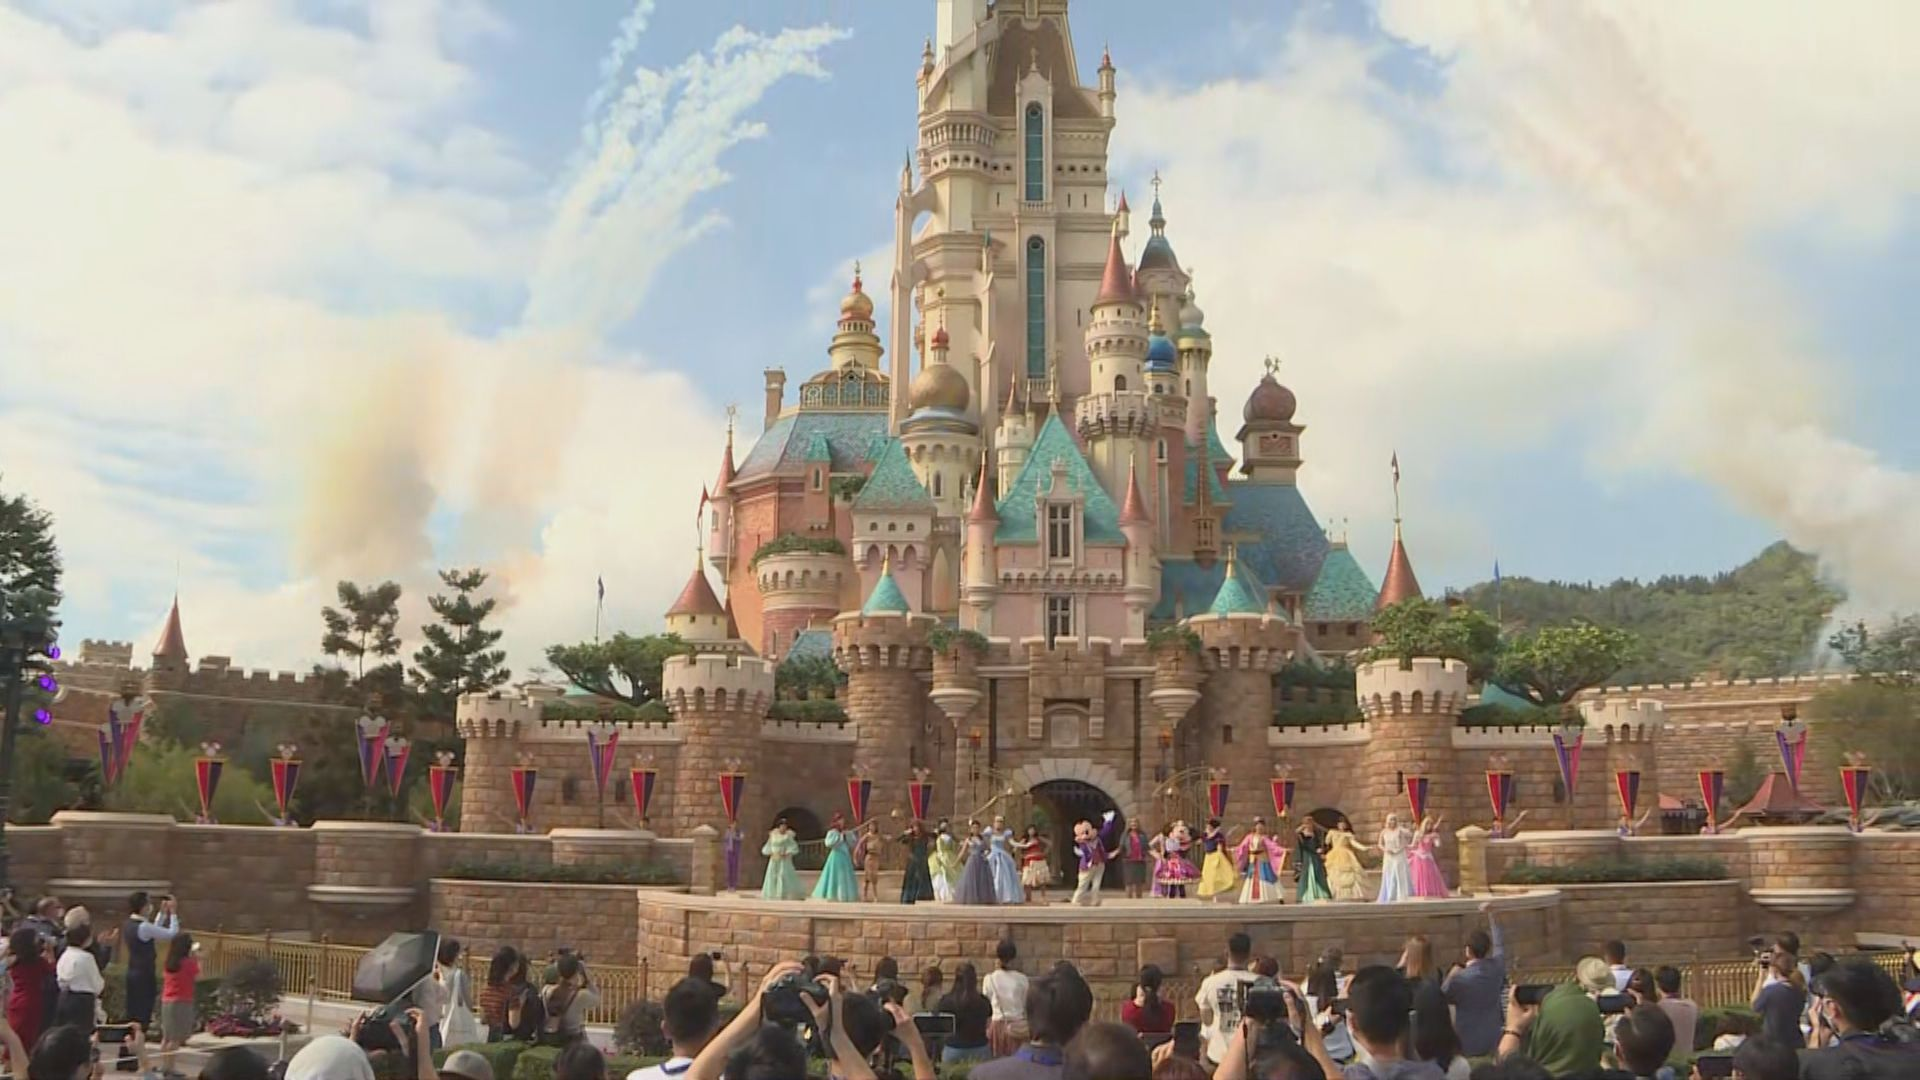 迪士尼樂園城堡翻新完成 周六向遊客開放